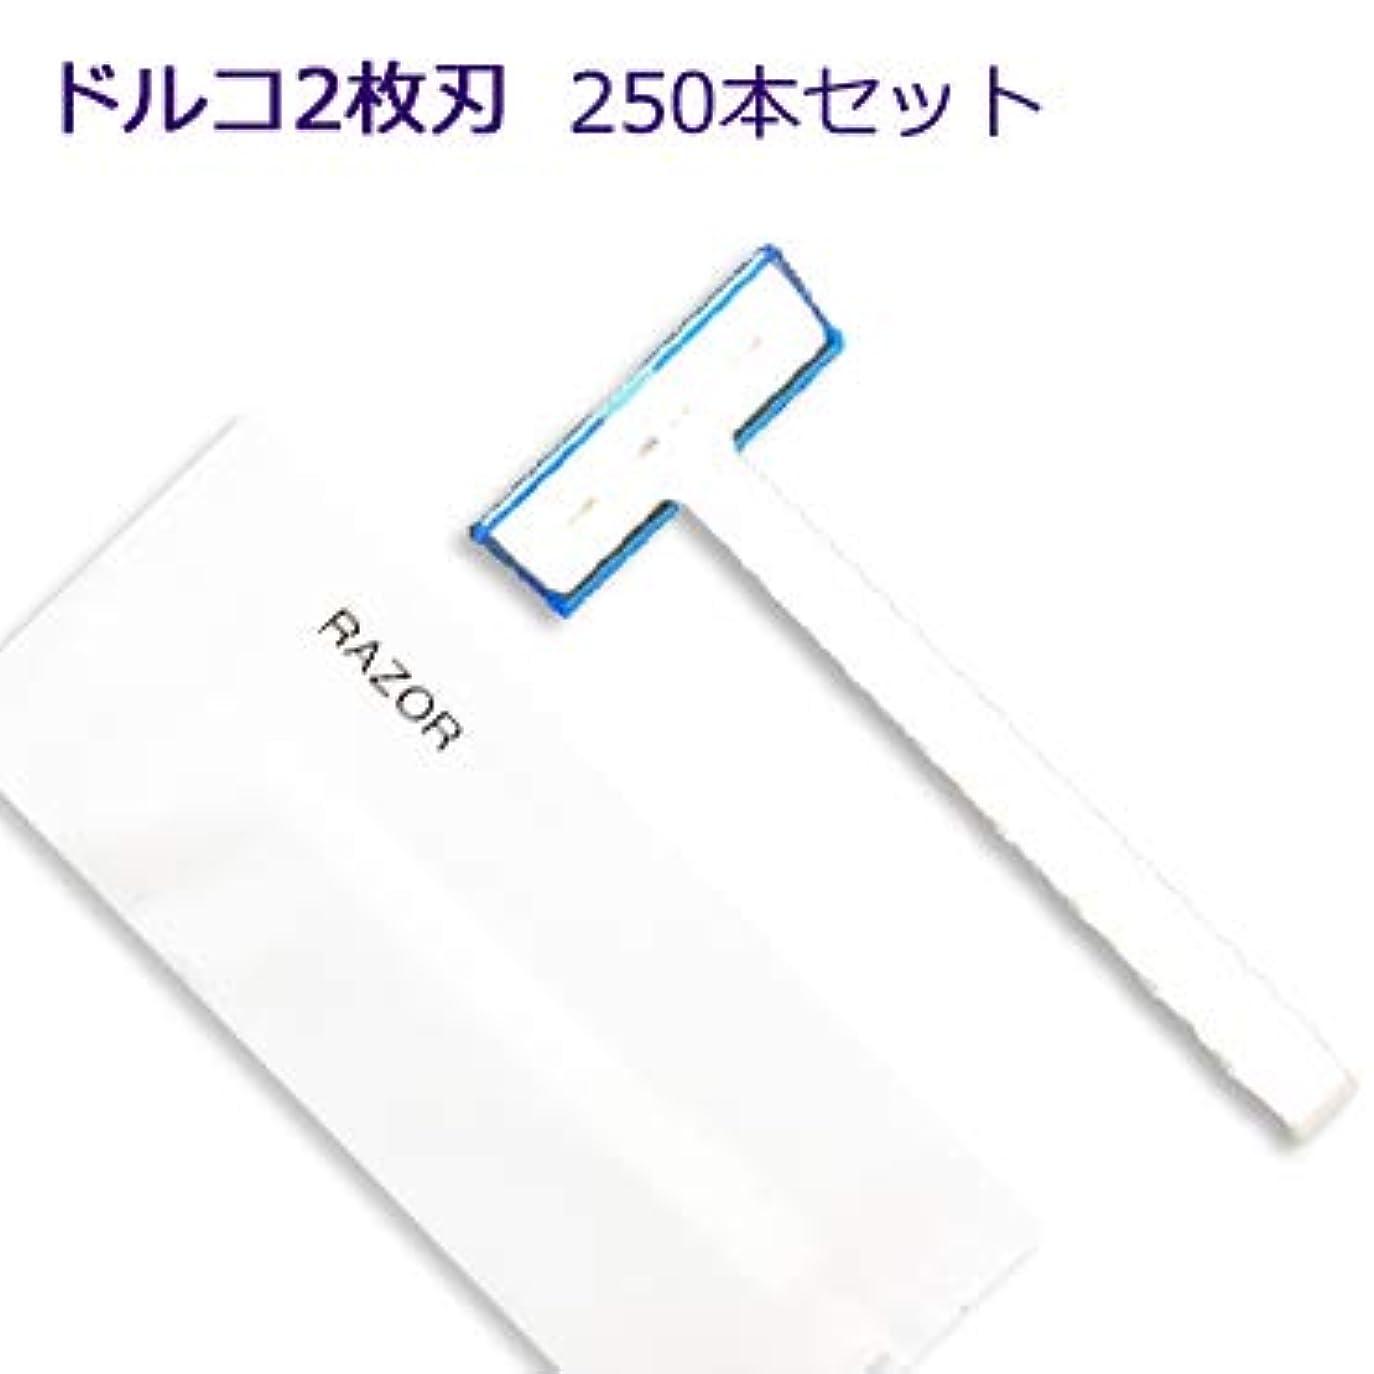 セグメントペレグリネーション隠ホテル業務用 カミソリ マットシリーズ ドルコ 2枚刃 (1セット250個入)